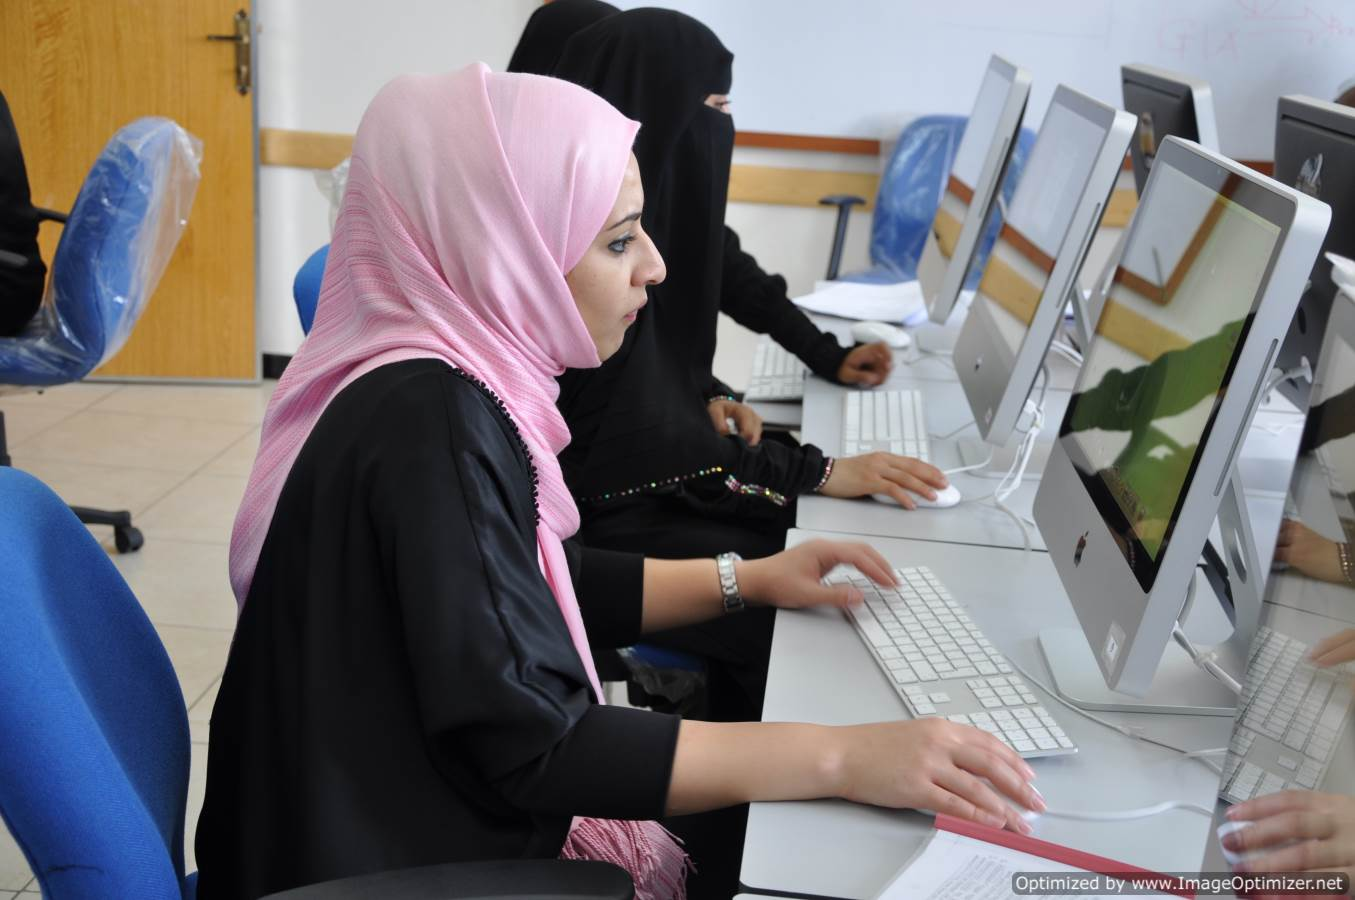 الحاسبات وتكنولوجيا المعلومات